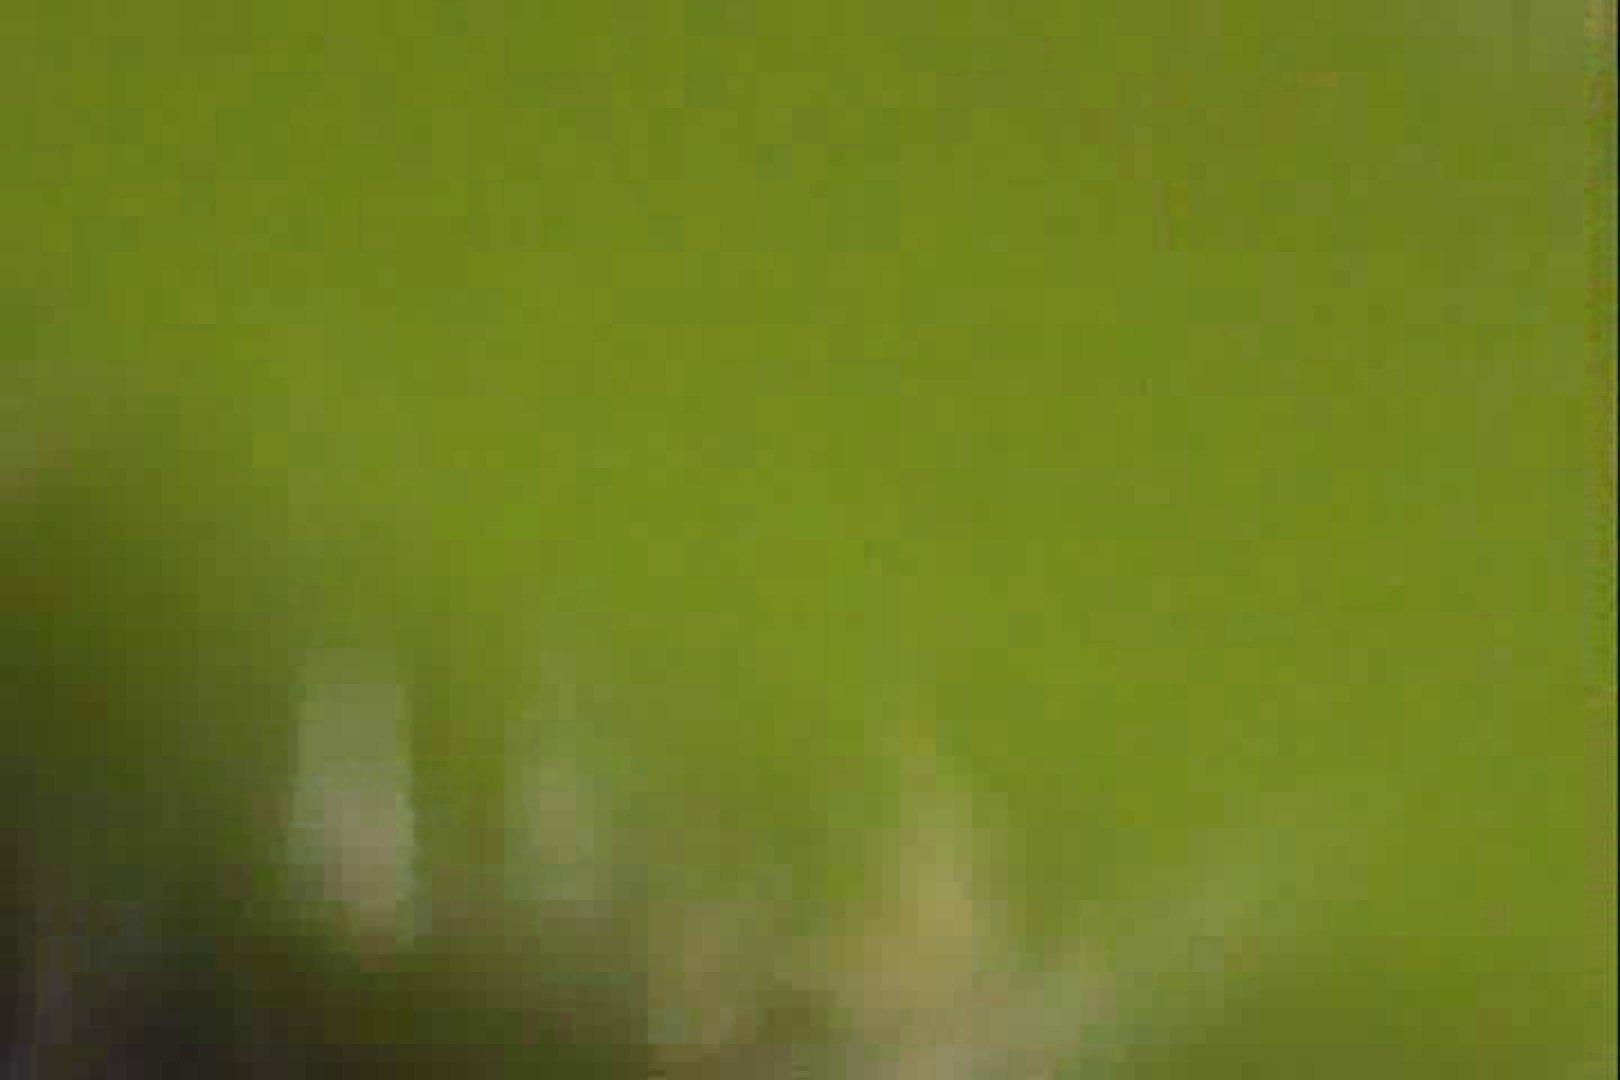 激撮!! 接写天井裏の刺客Vol.7 HなOL  97pic 12